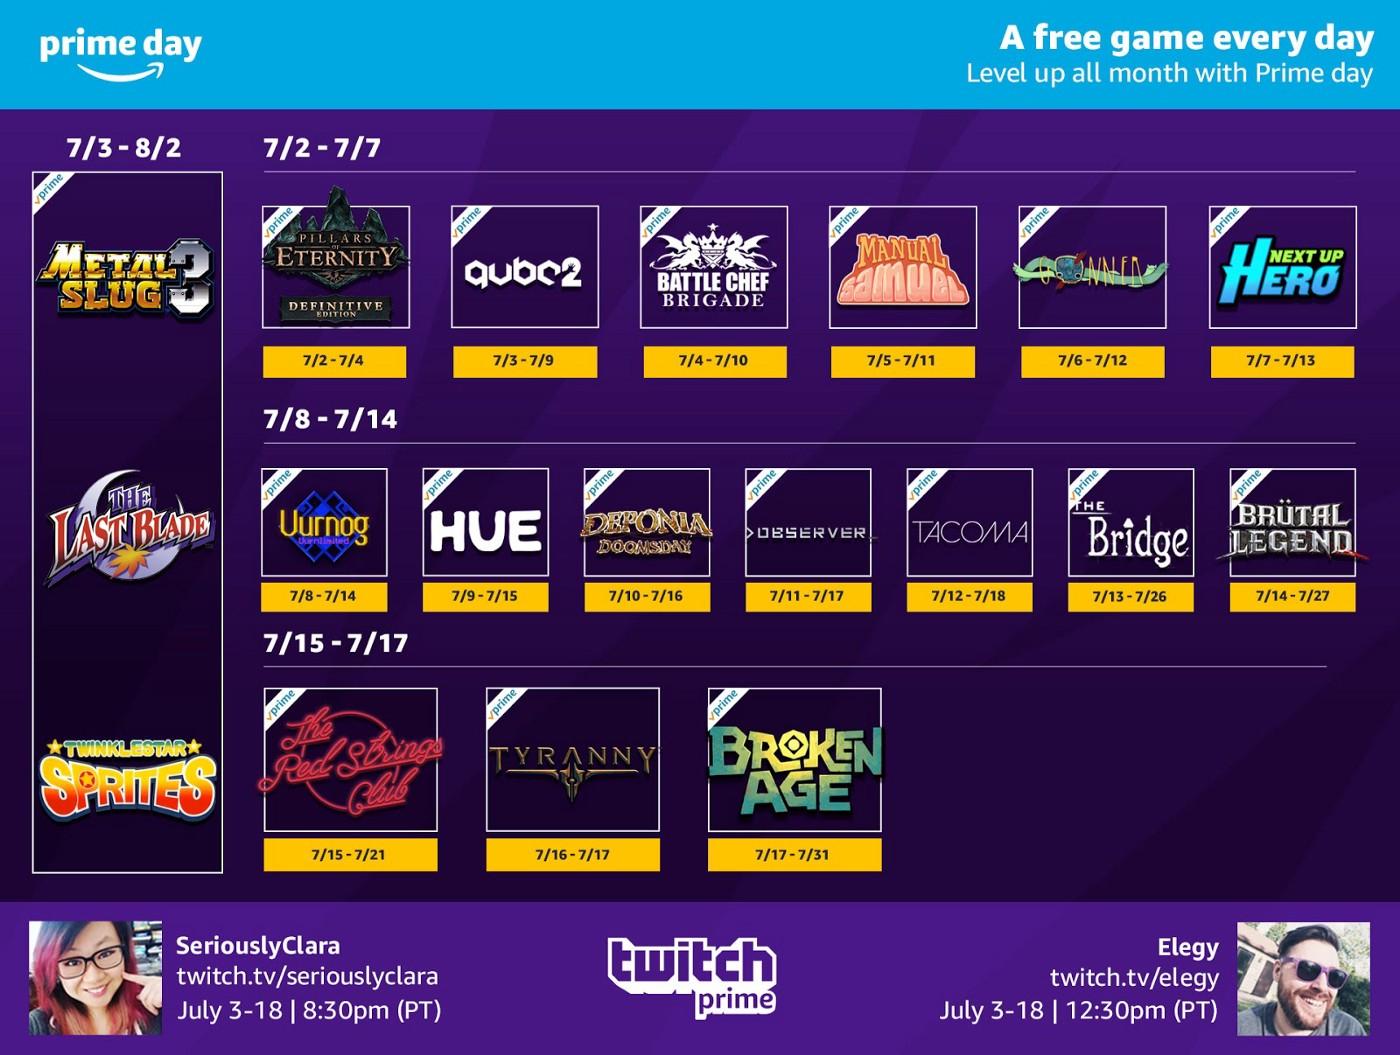 [Twitch Prime] Pillars of Eternity kostenlos bis morgen + weitere Spiele im Laufe des Monats